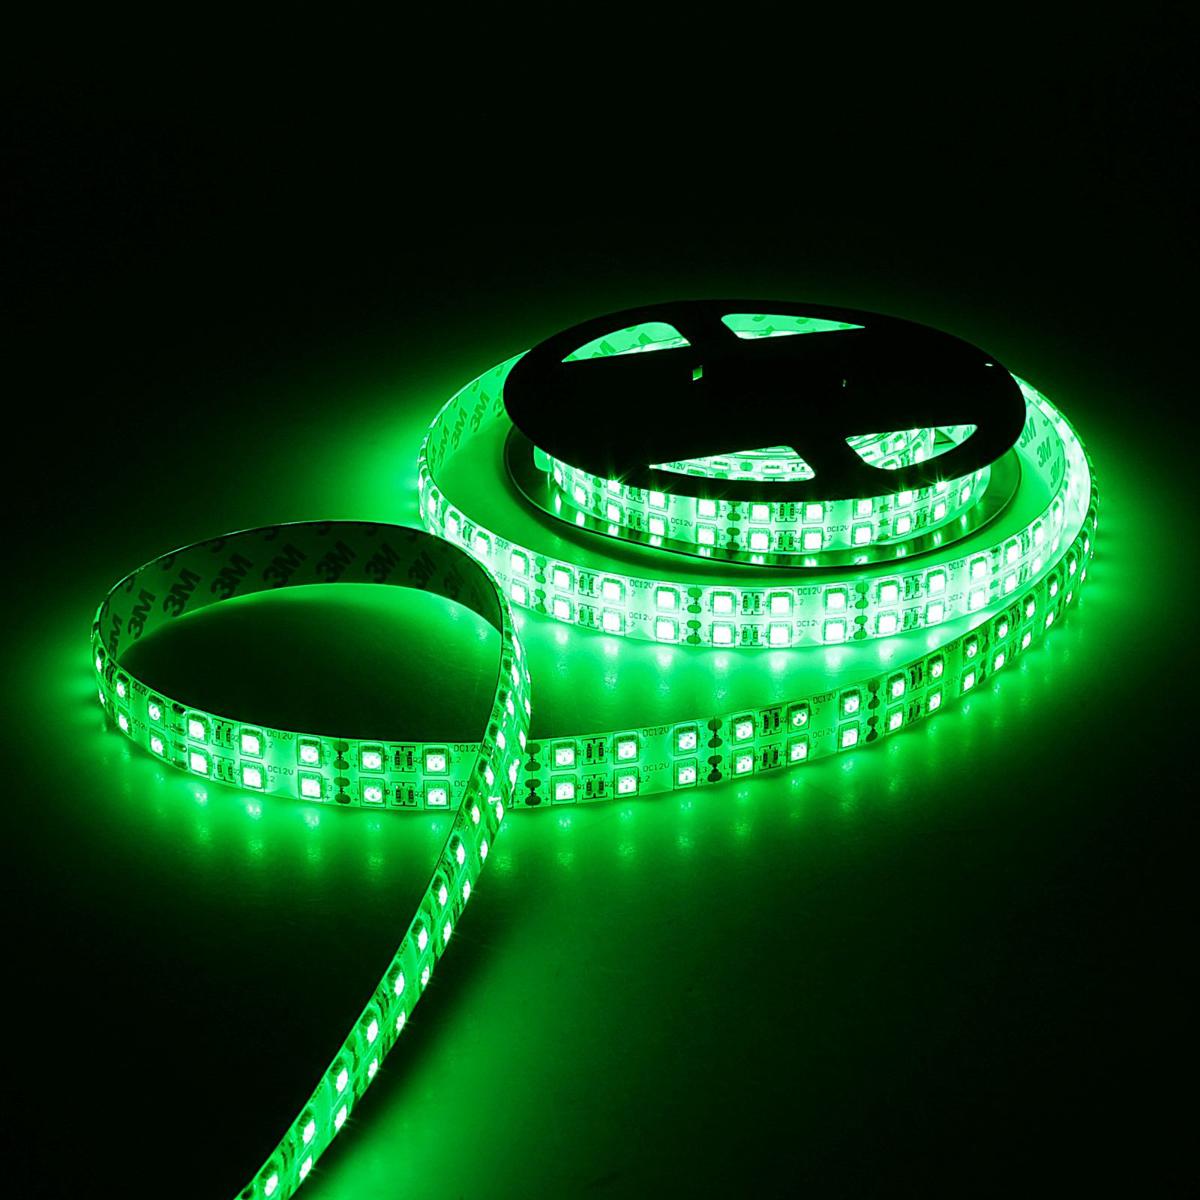 Светодиодная лента Sima-land, 12В, SMD5050, длина 5 м, IP65, 120 LED ламп, 28.8 Вт/м, 10-12 Лм/1 LED, DC, цвет: зеленый848558Светодиодные гирлянды, ленты и т.д — это отличный вариант для новогоднего оформления интерьера или фасада. С их помощью помещение любого размера можно превратить в праздничный зал, а внешние элементы зданий, украшенные ими, мгновенно станут напоминать очертания сказочного дворца. Такие украшения создают ауру предвкушения чуда. Деревья, фасады, витрины, окна и арки будто специально созданы, чтобы вы украсили их светящимися нитями.